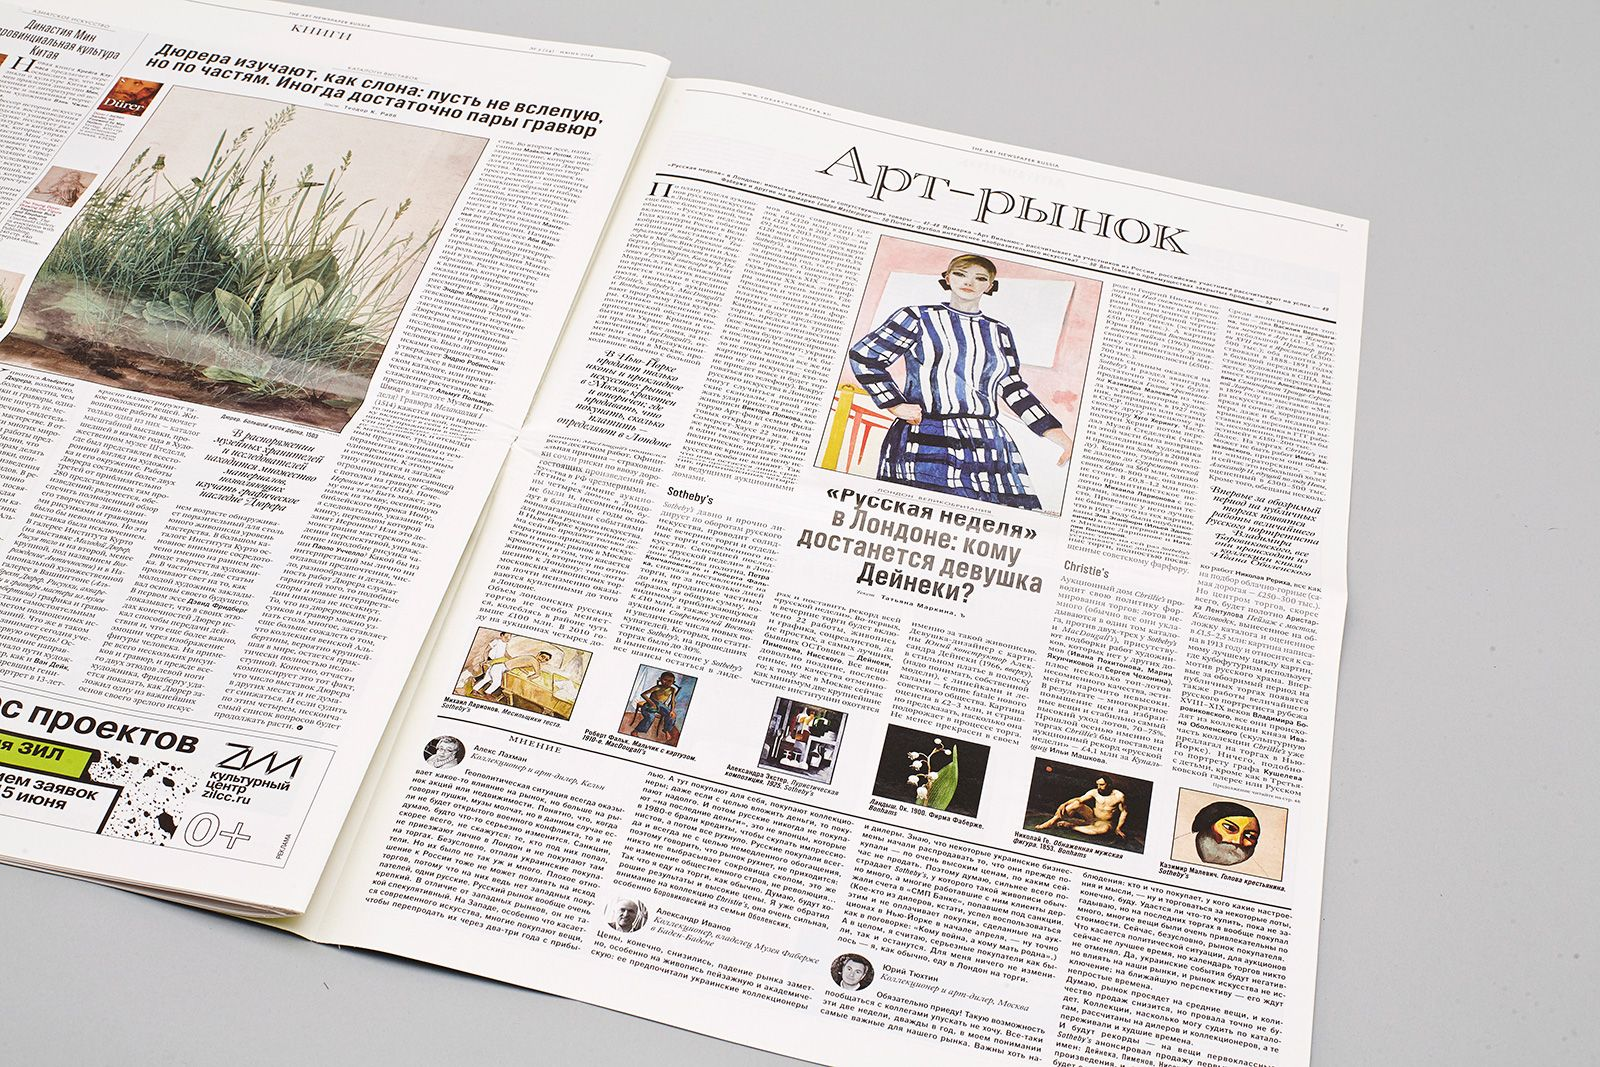 The Art Newspaper Russia   Newspaper design, Newspaper, Layout design